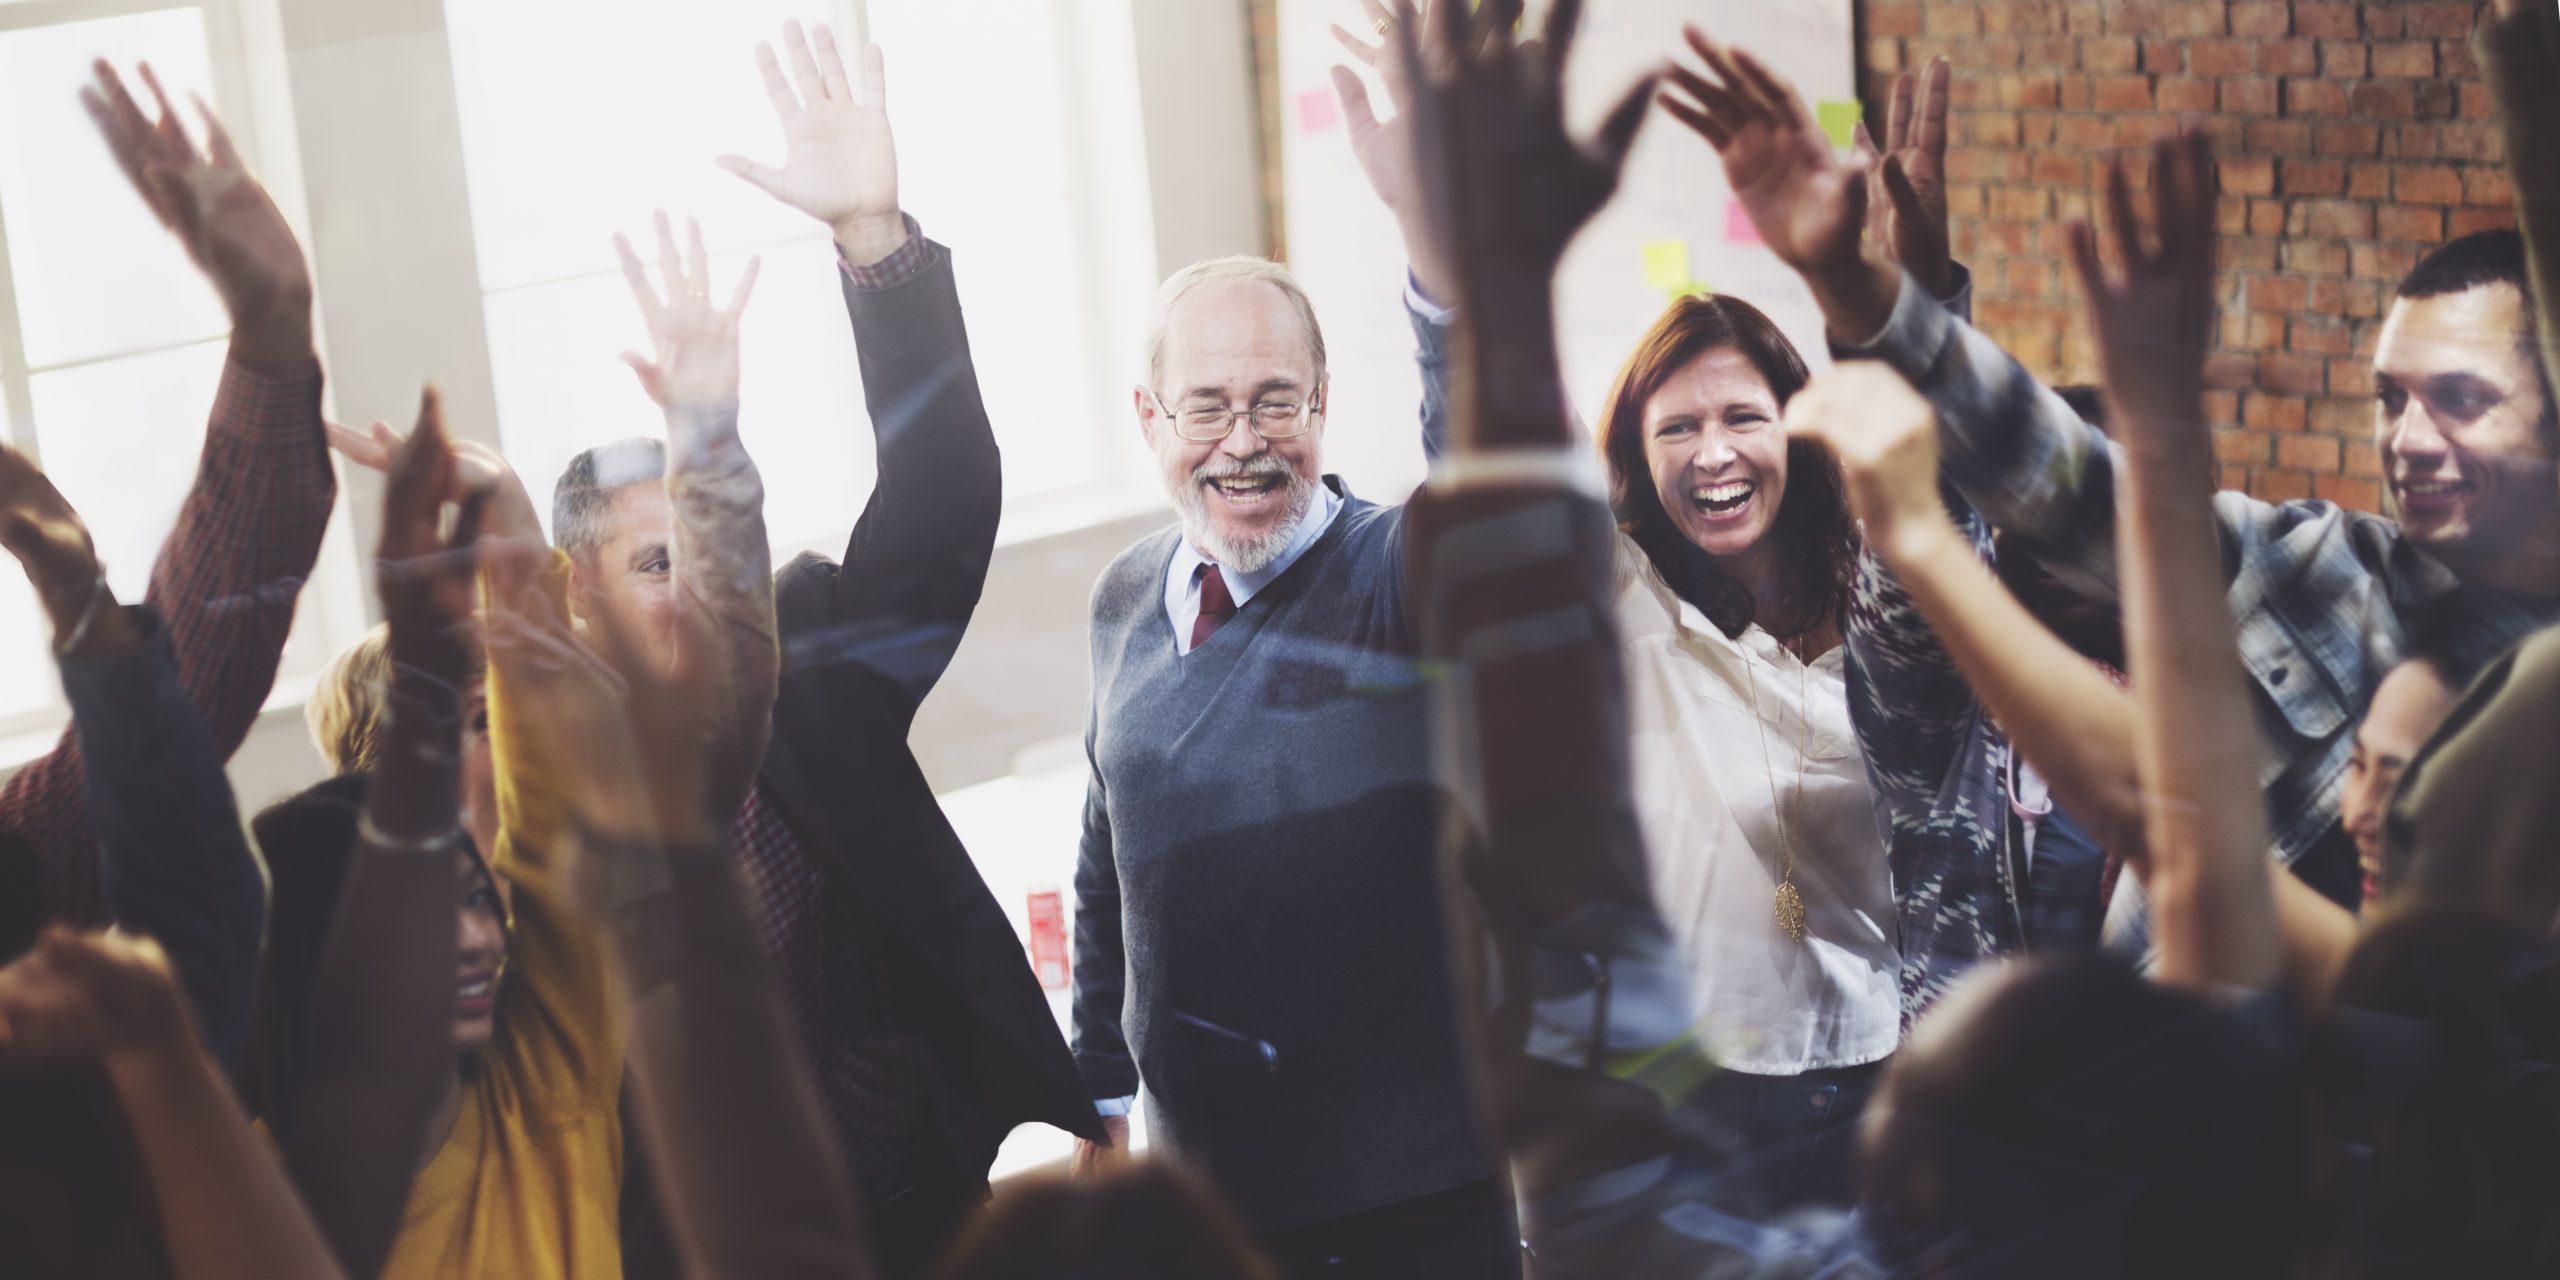 équipe hommes et femmes heureux au travail confiance en eux